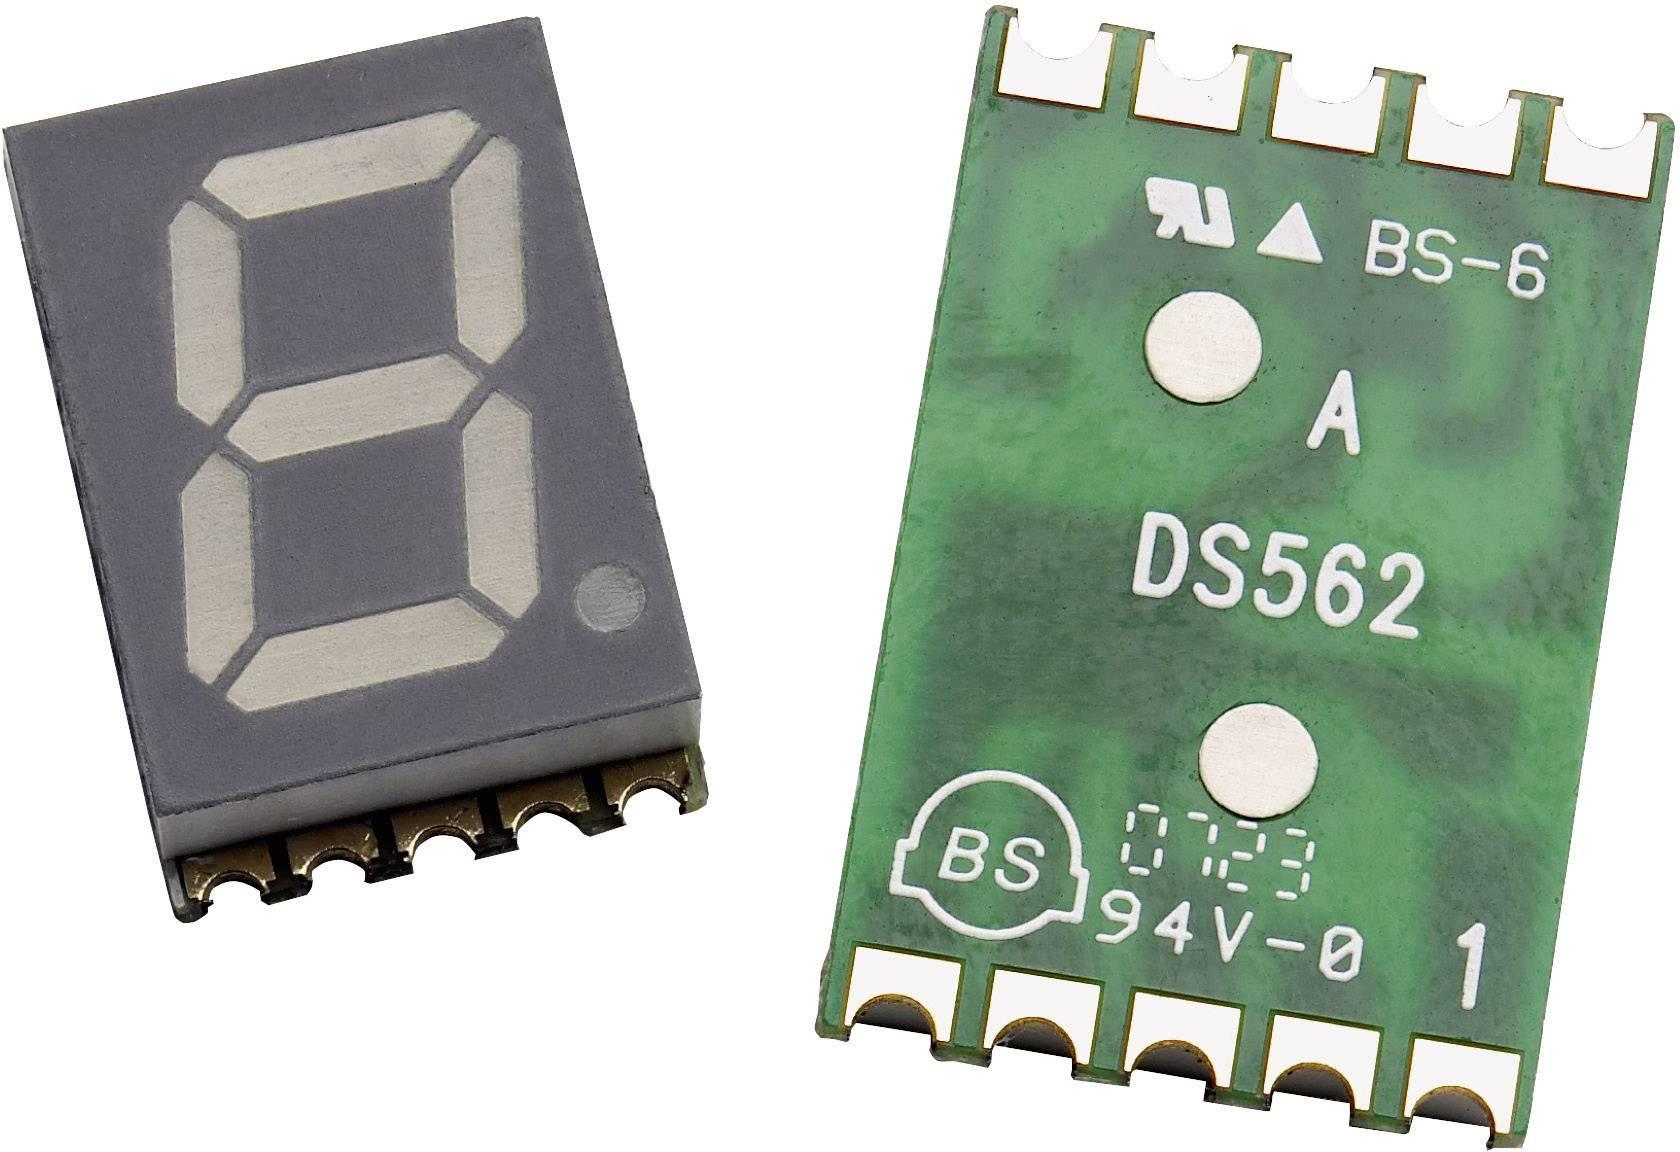 7-segmentový displej Broadcom HDSM-531L, číslic 1, 14.22 mm, 2.1 V, oranžová